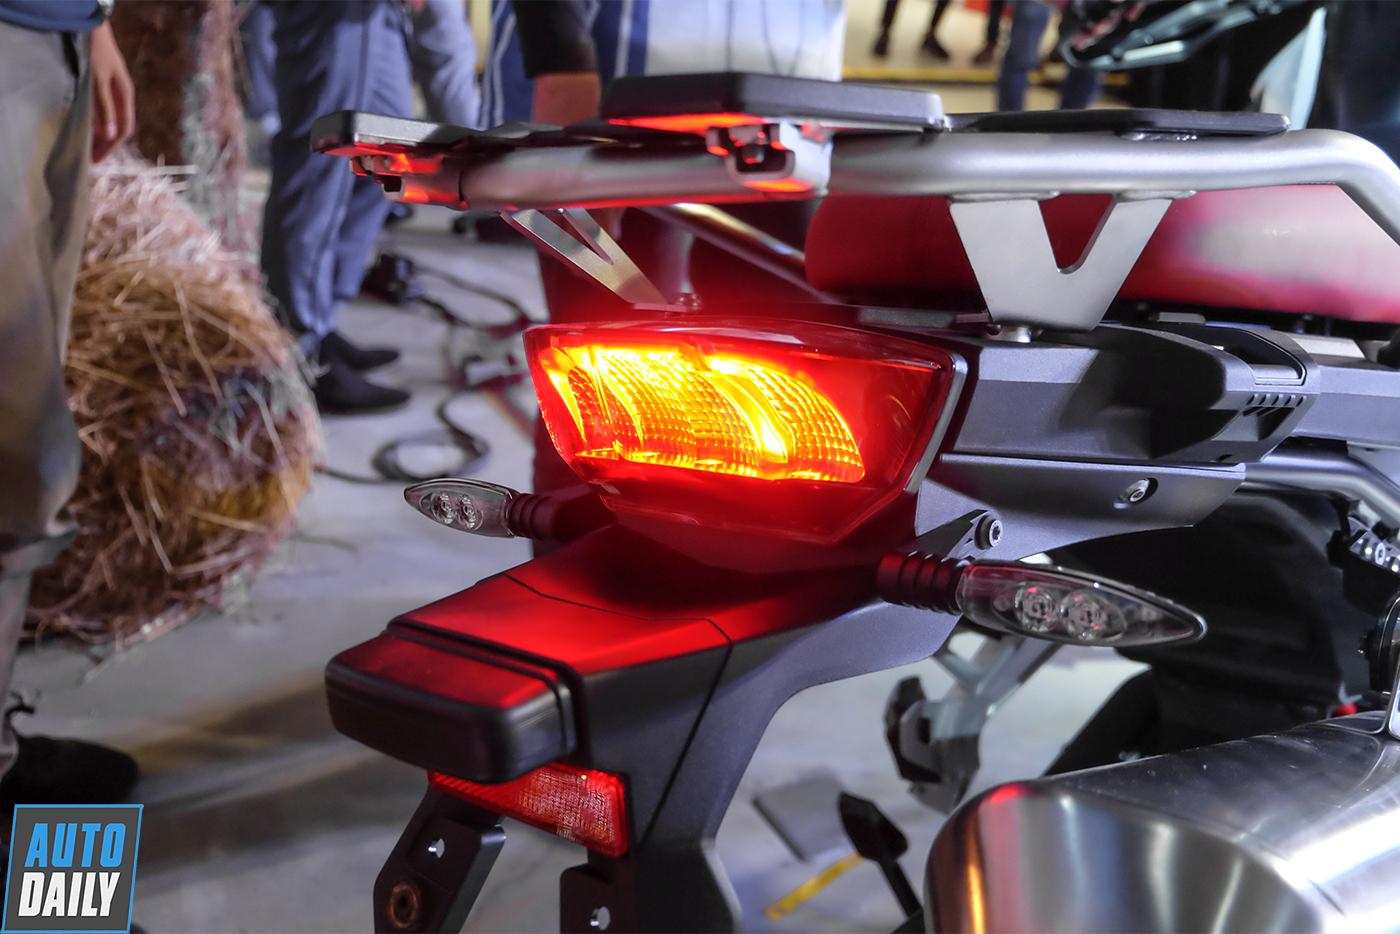 bmw-motorrad-f-850-gs-2019-45.jpg